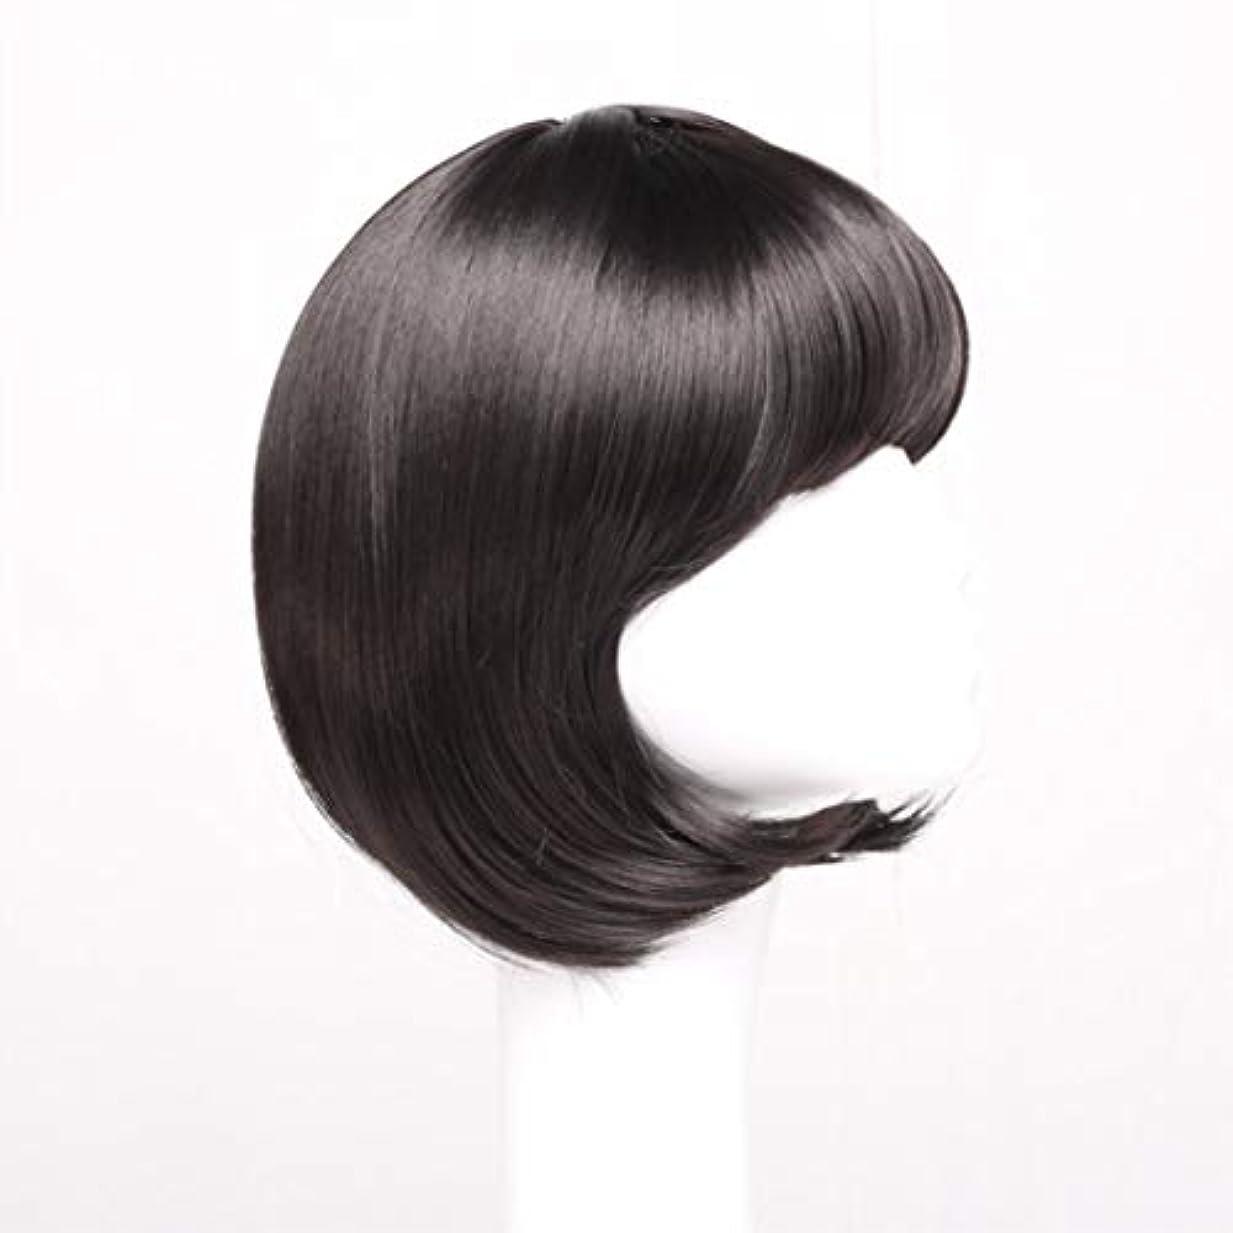 遺伝的特徴ジョージスティーブンソンKoloeplf ボブかつらふわふわショートストレート人工毛フルウィッグ自然に見える耐熱性女性用 (Color : Black)